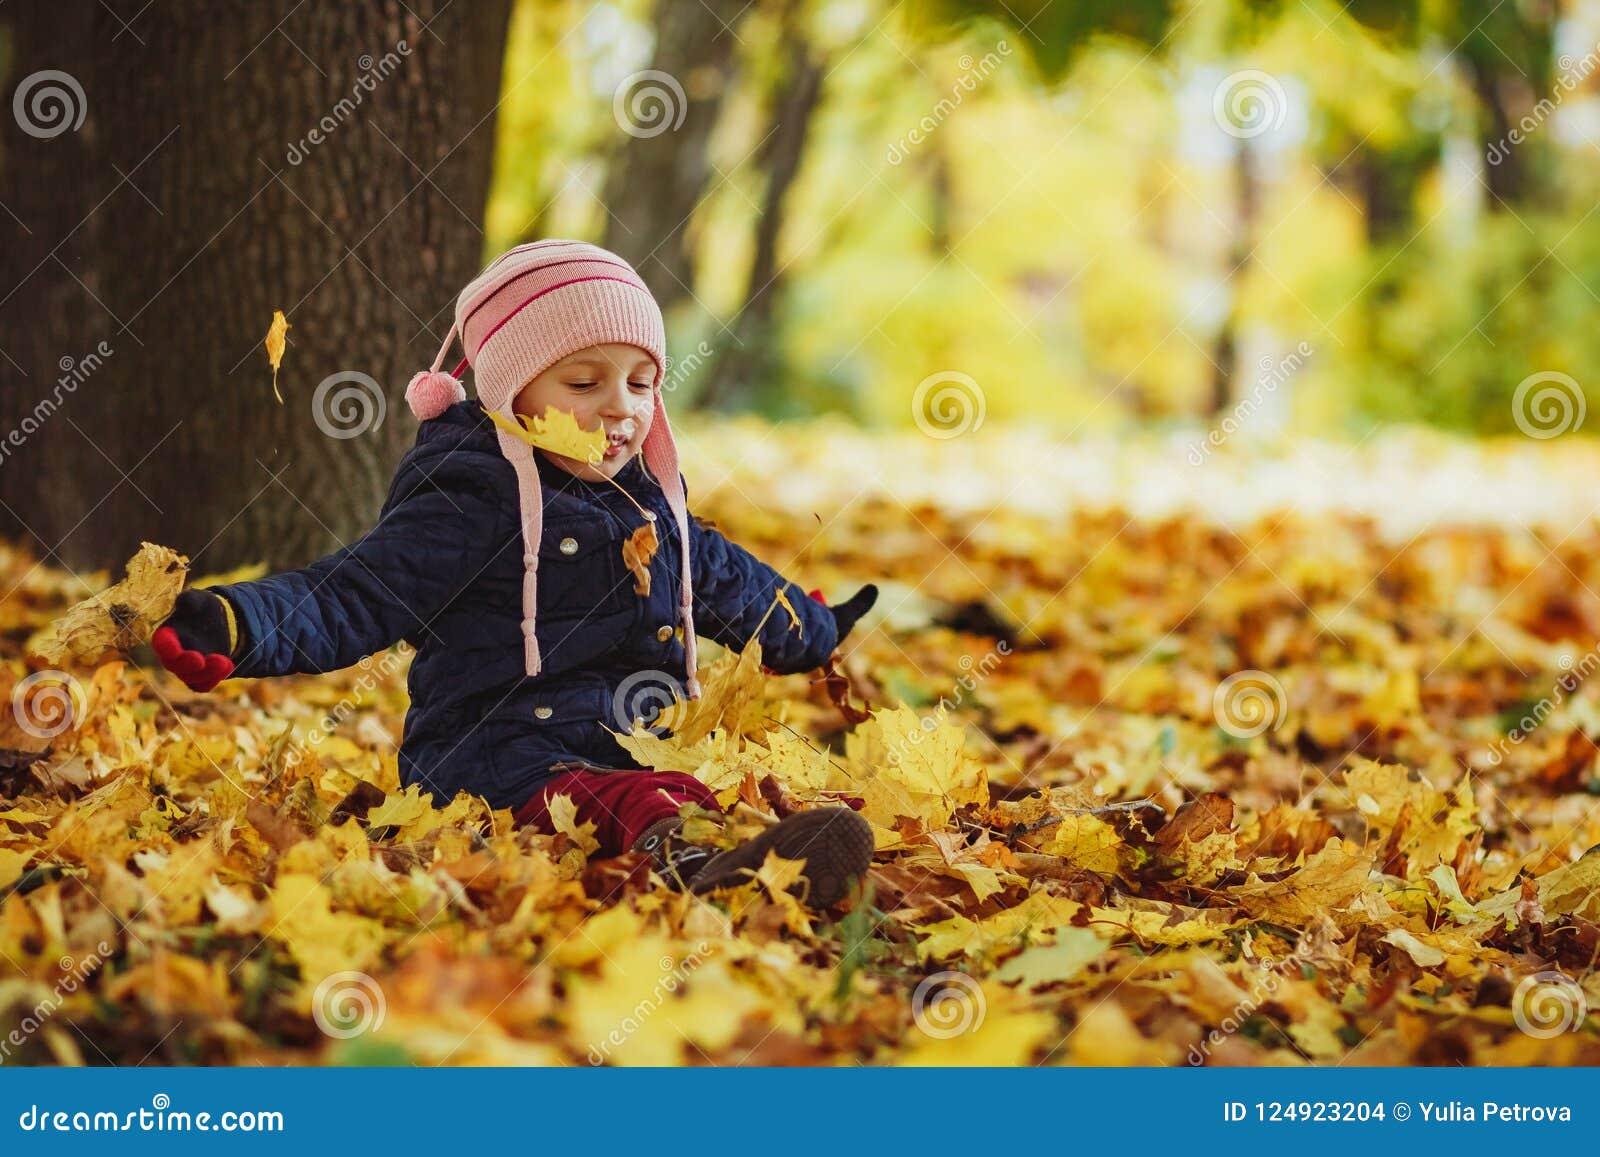 Семья, детство, сезон падения и концепция людей, счастливая девушка играя с листьями осени в парке маленький ребенок, ребёнок